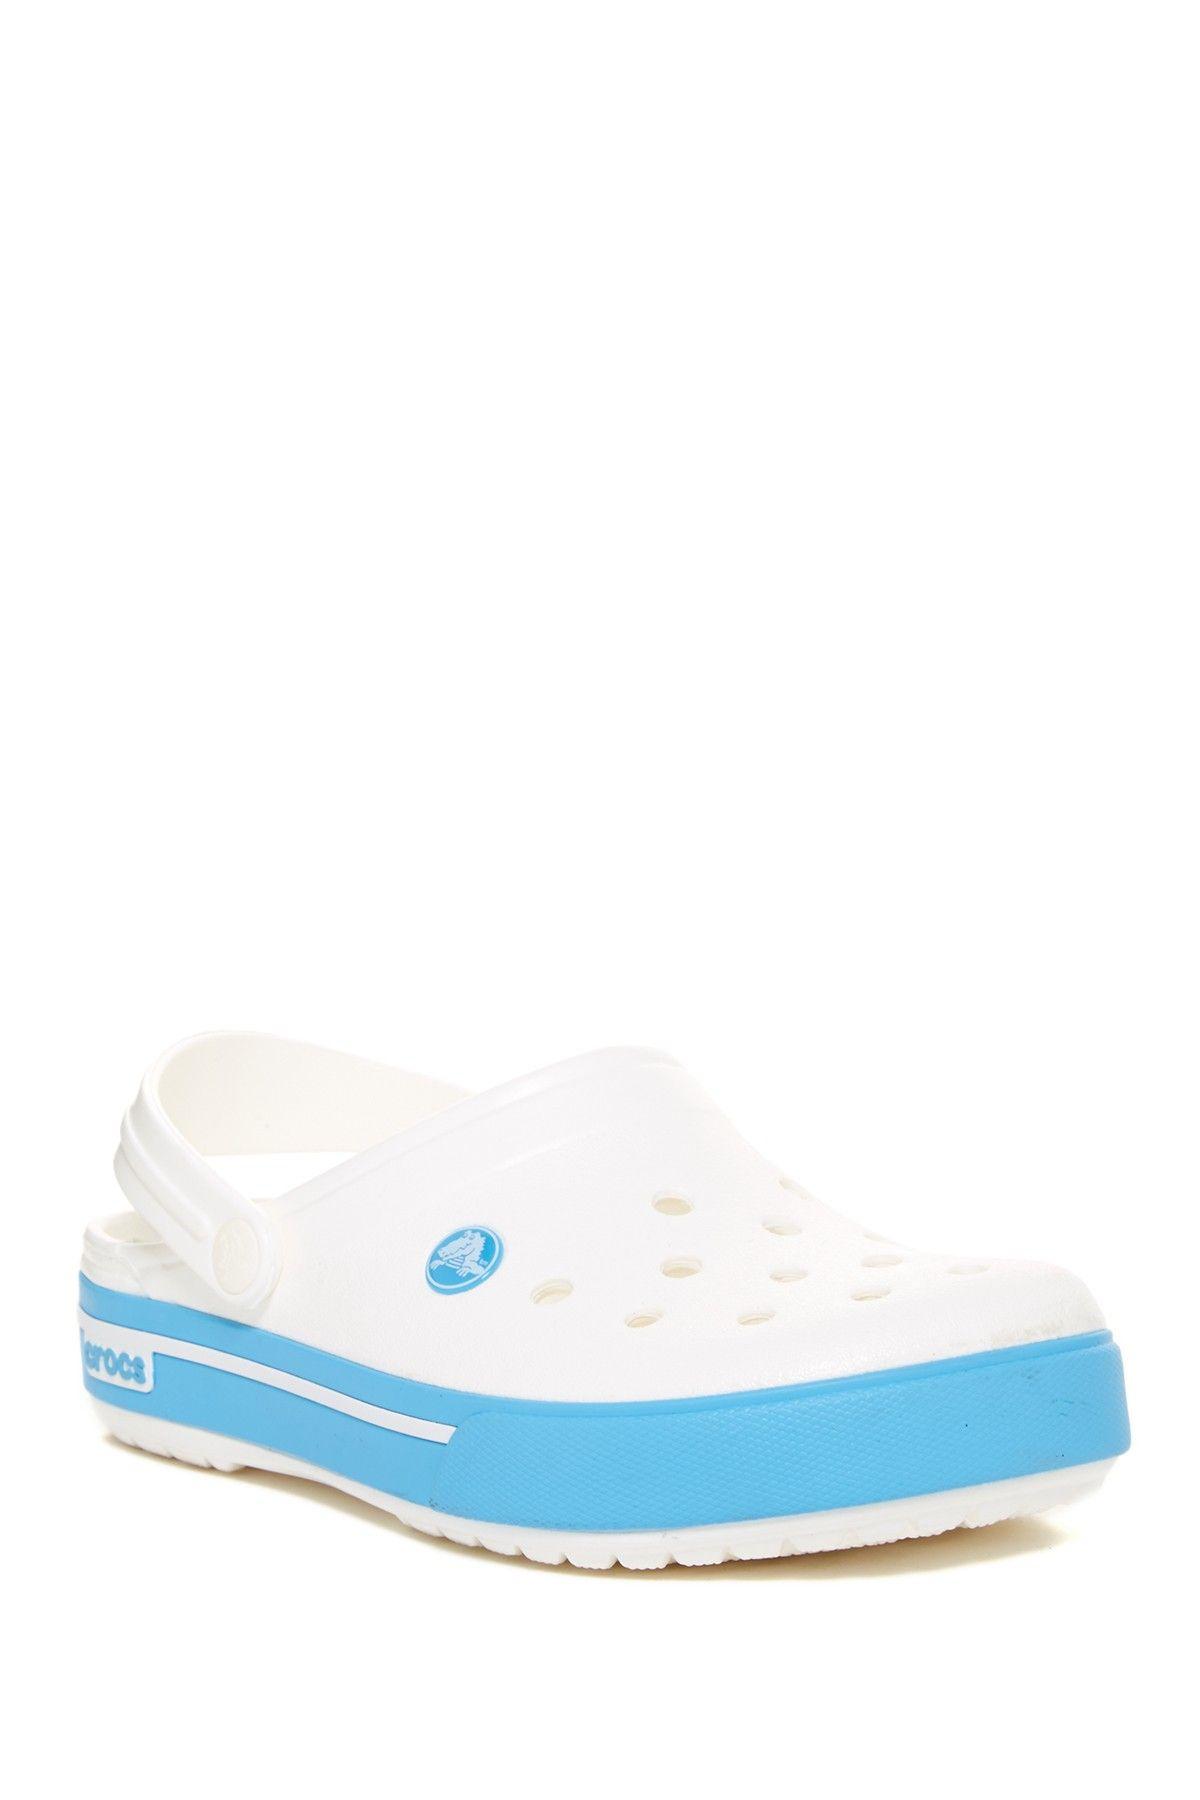 a3c0d850c969f Crocs Crocband II.5 Clog (Women s)